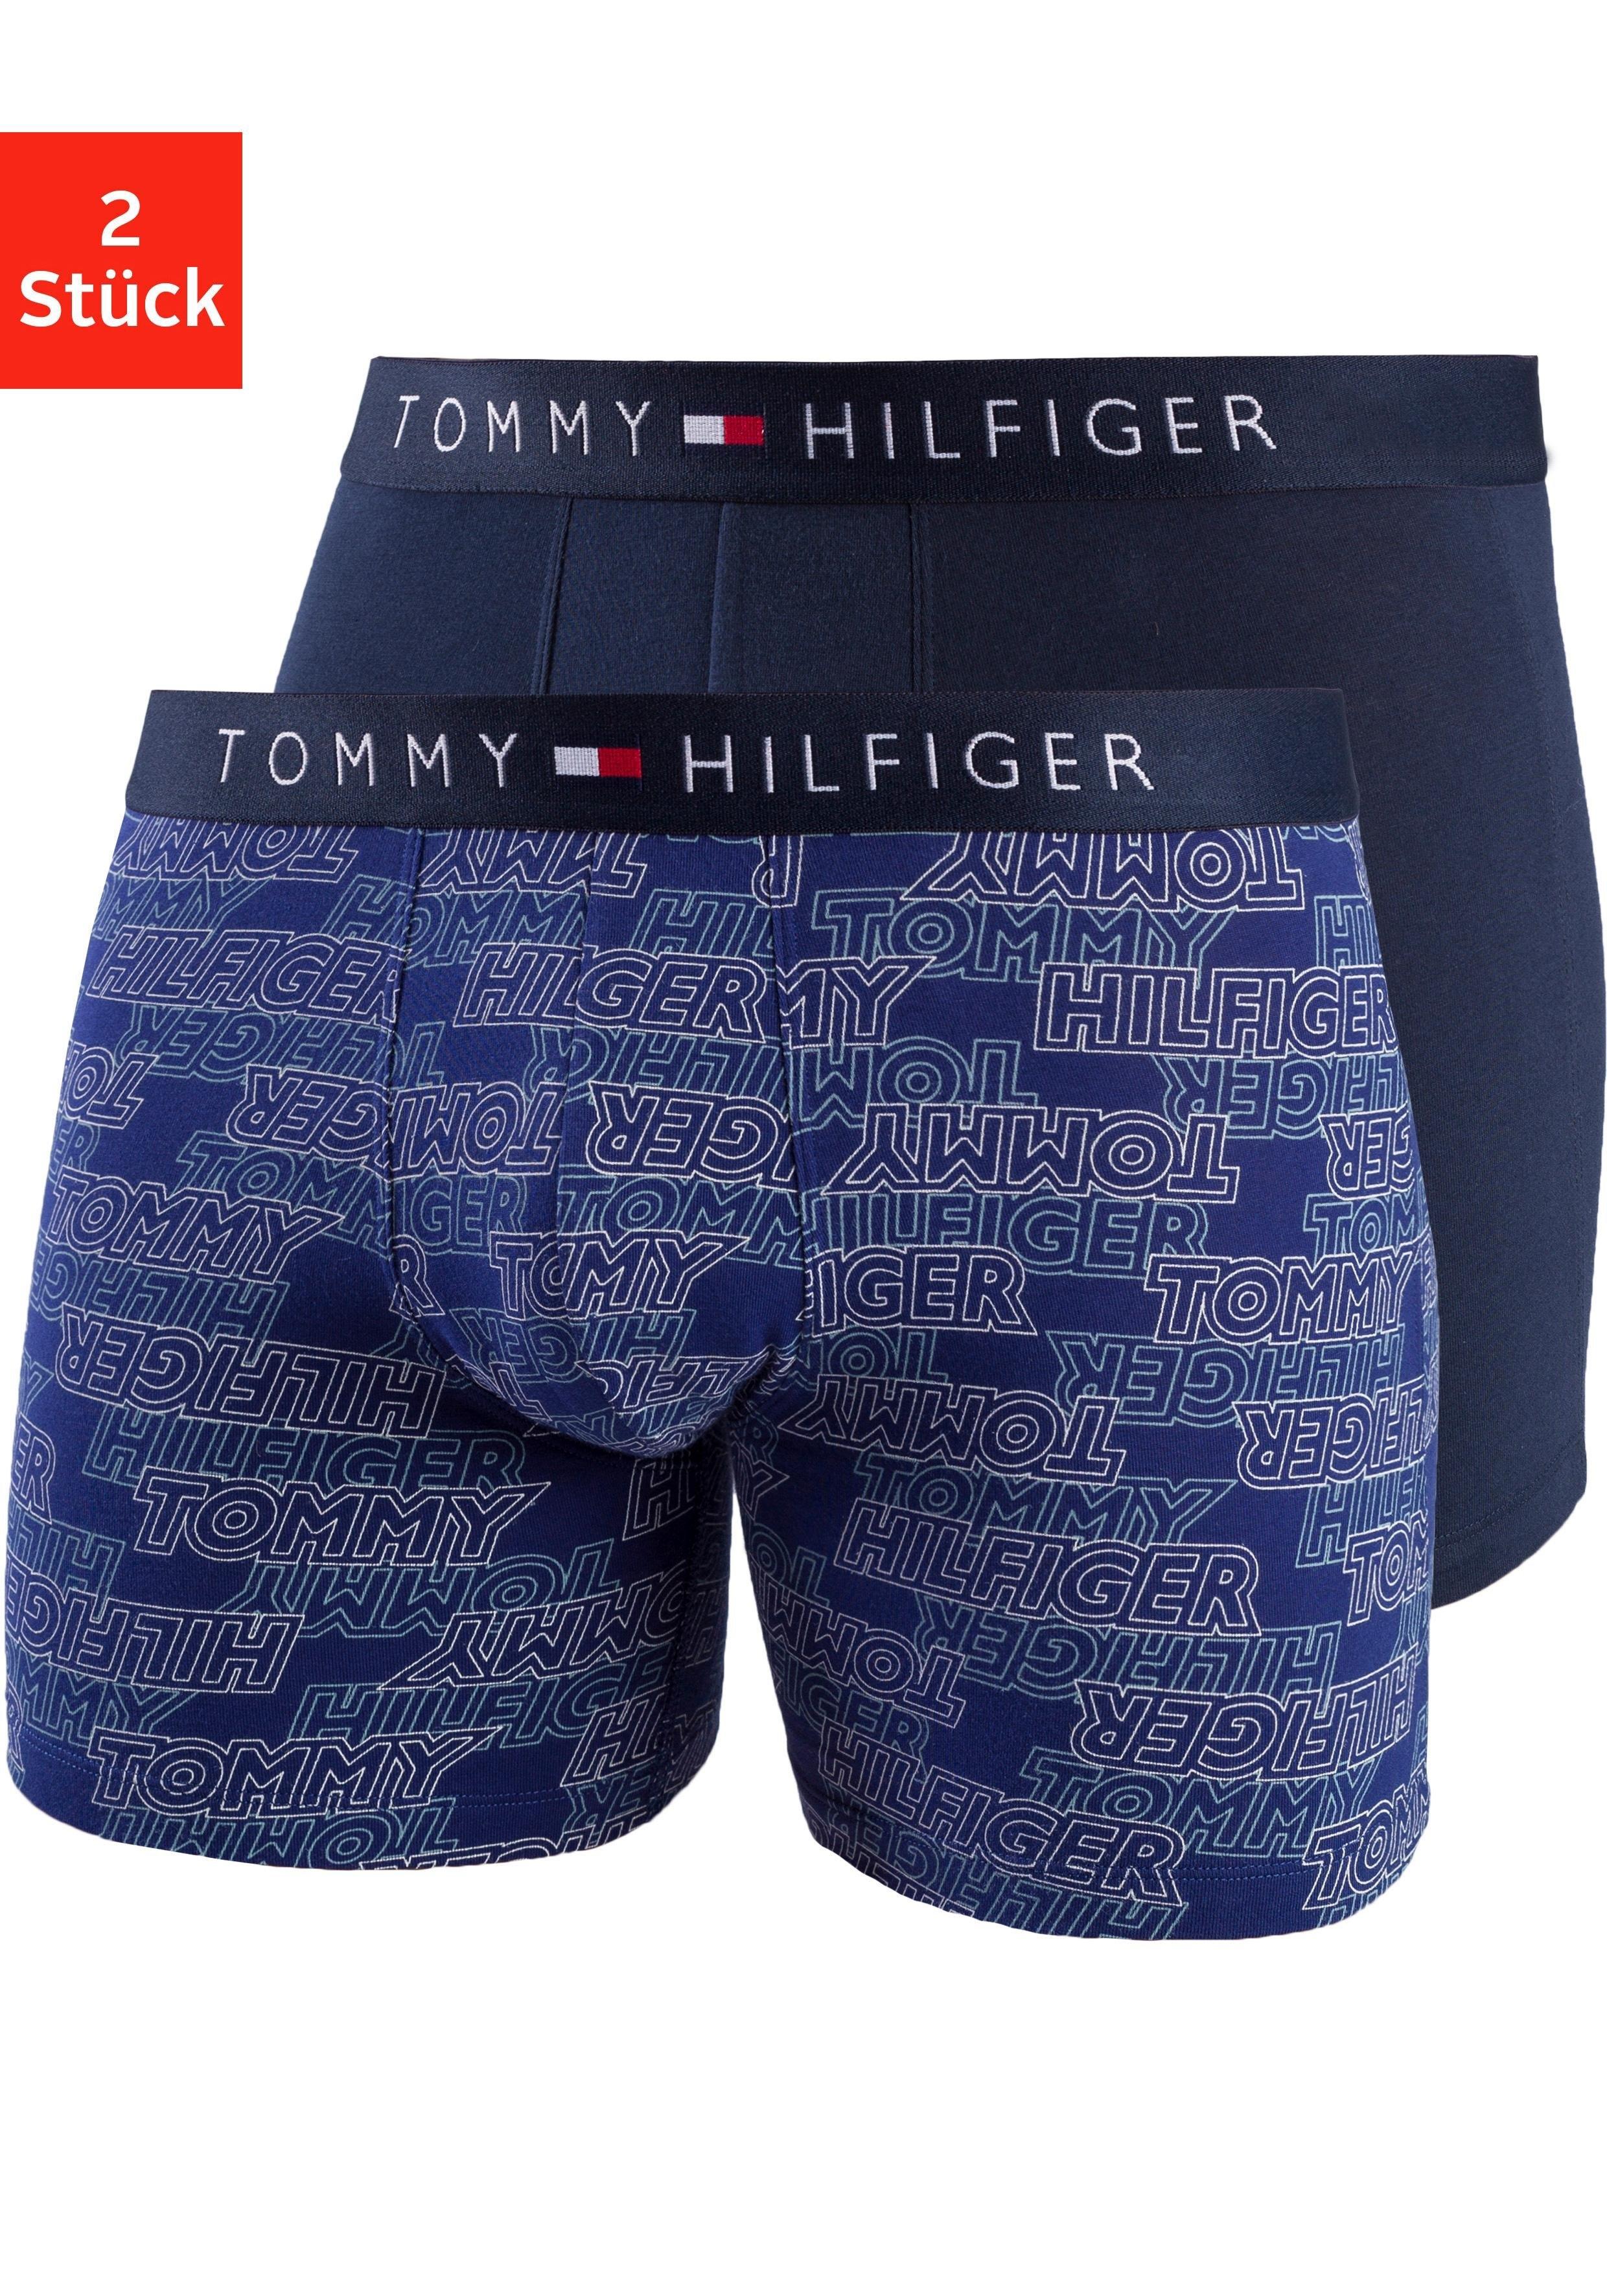 Tommy Hilfiger boxershort (set van 2) bestellen: 14 dagen bedenktijd